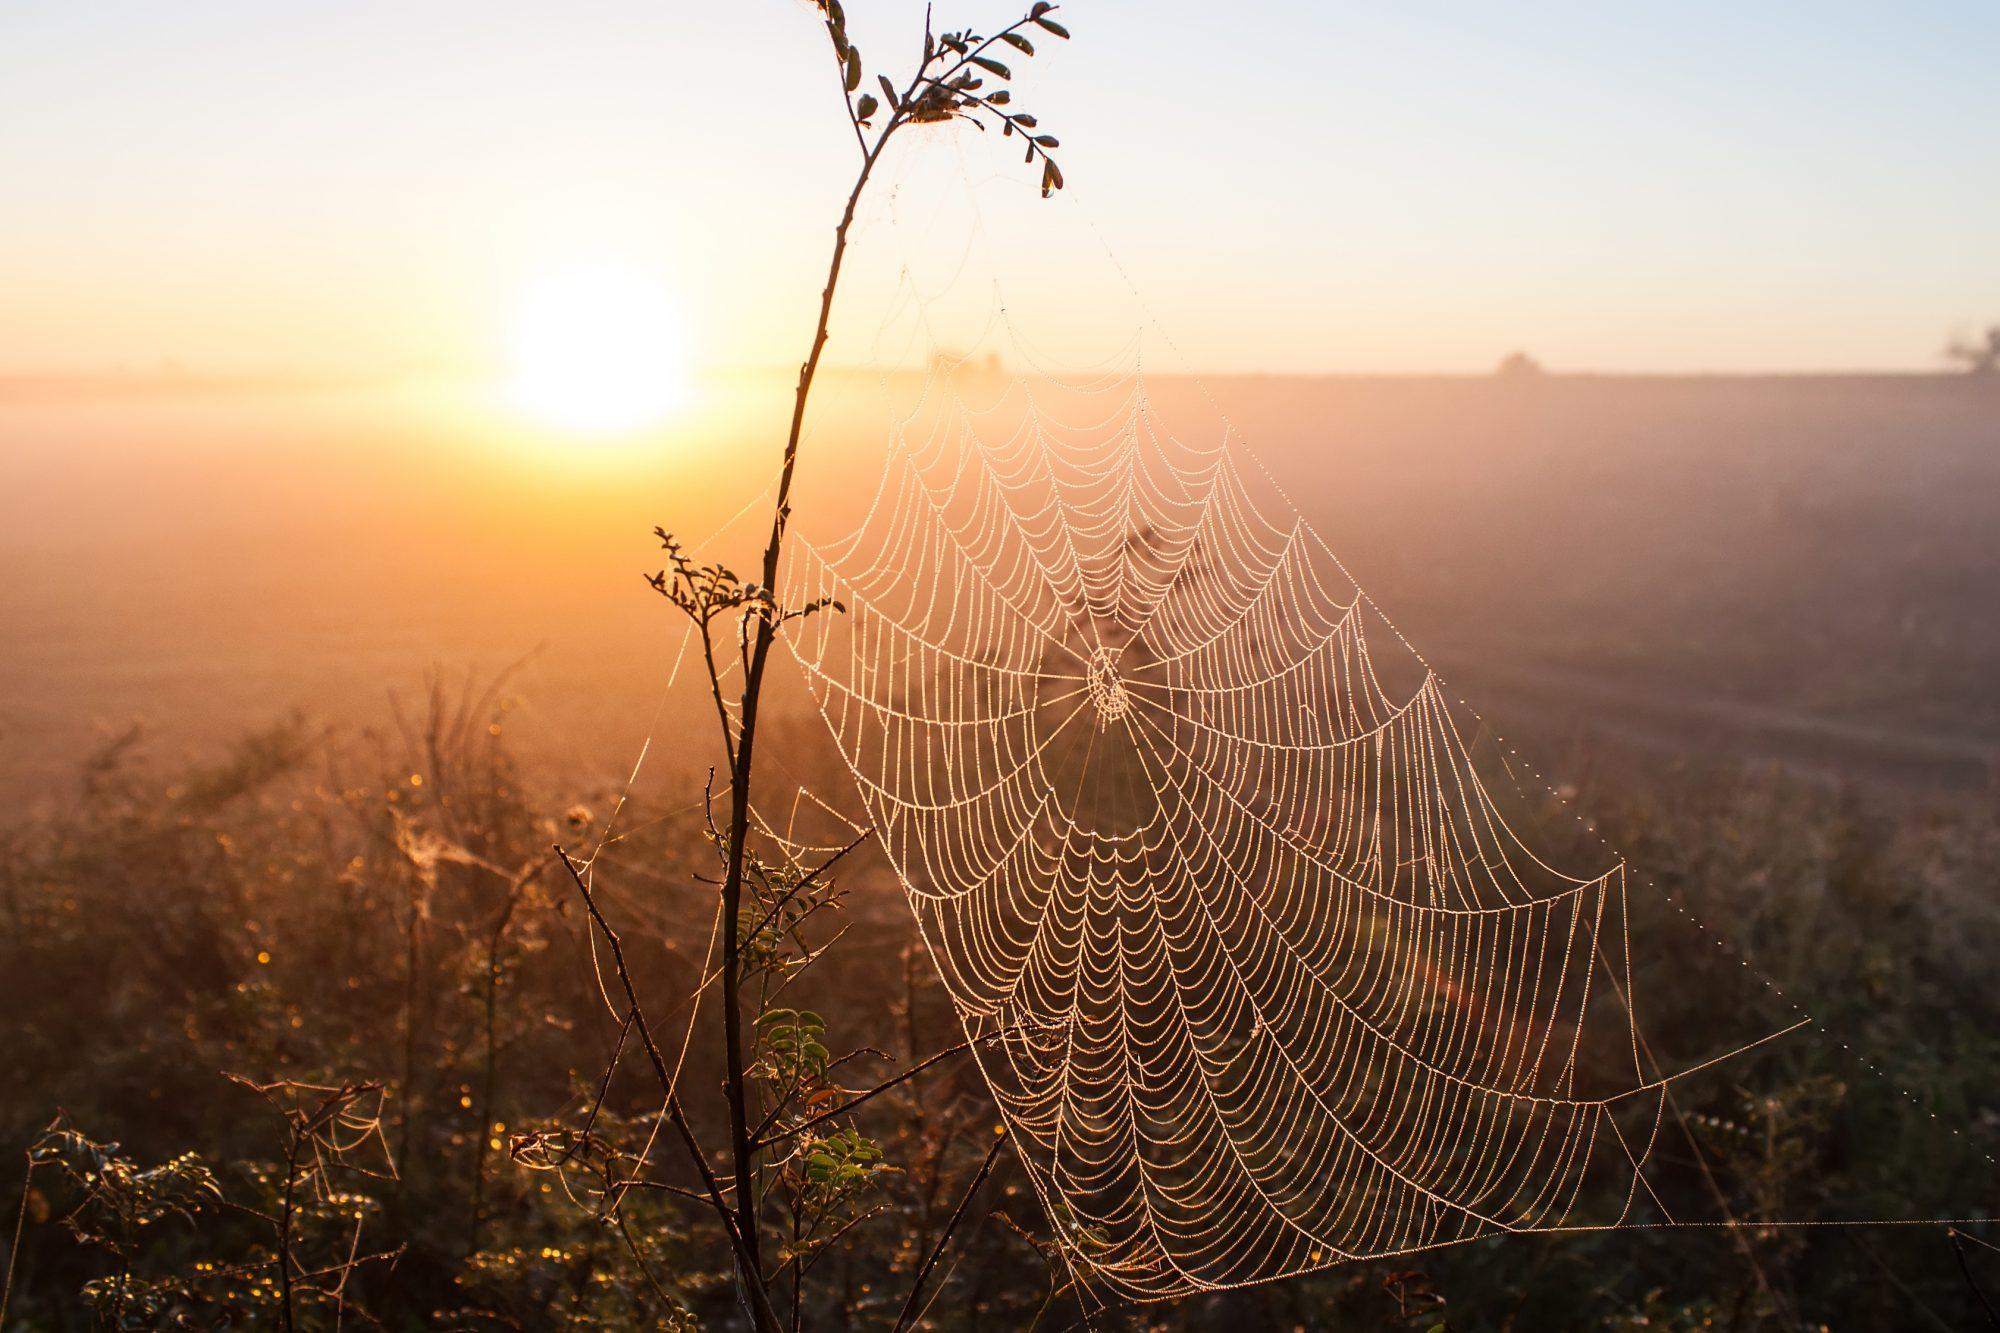 Autumn webs…